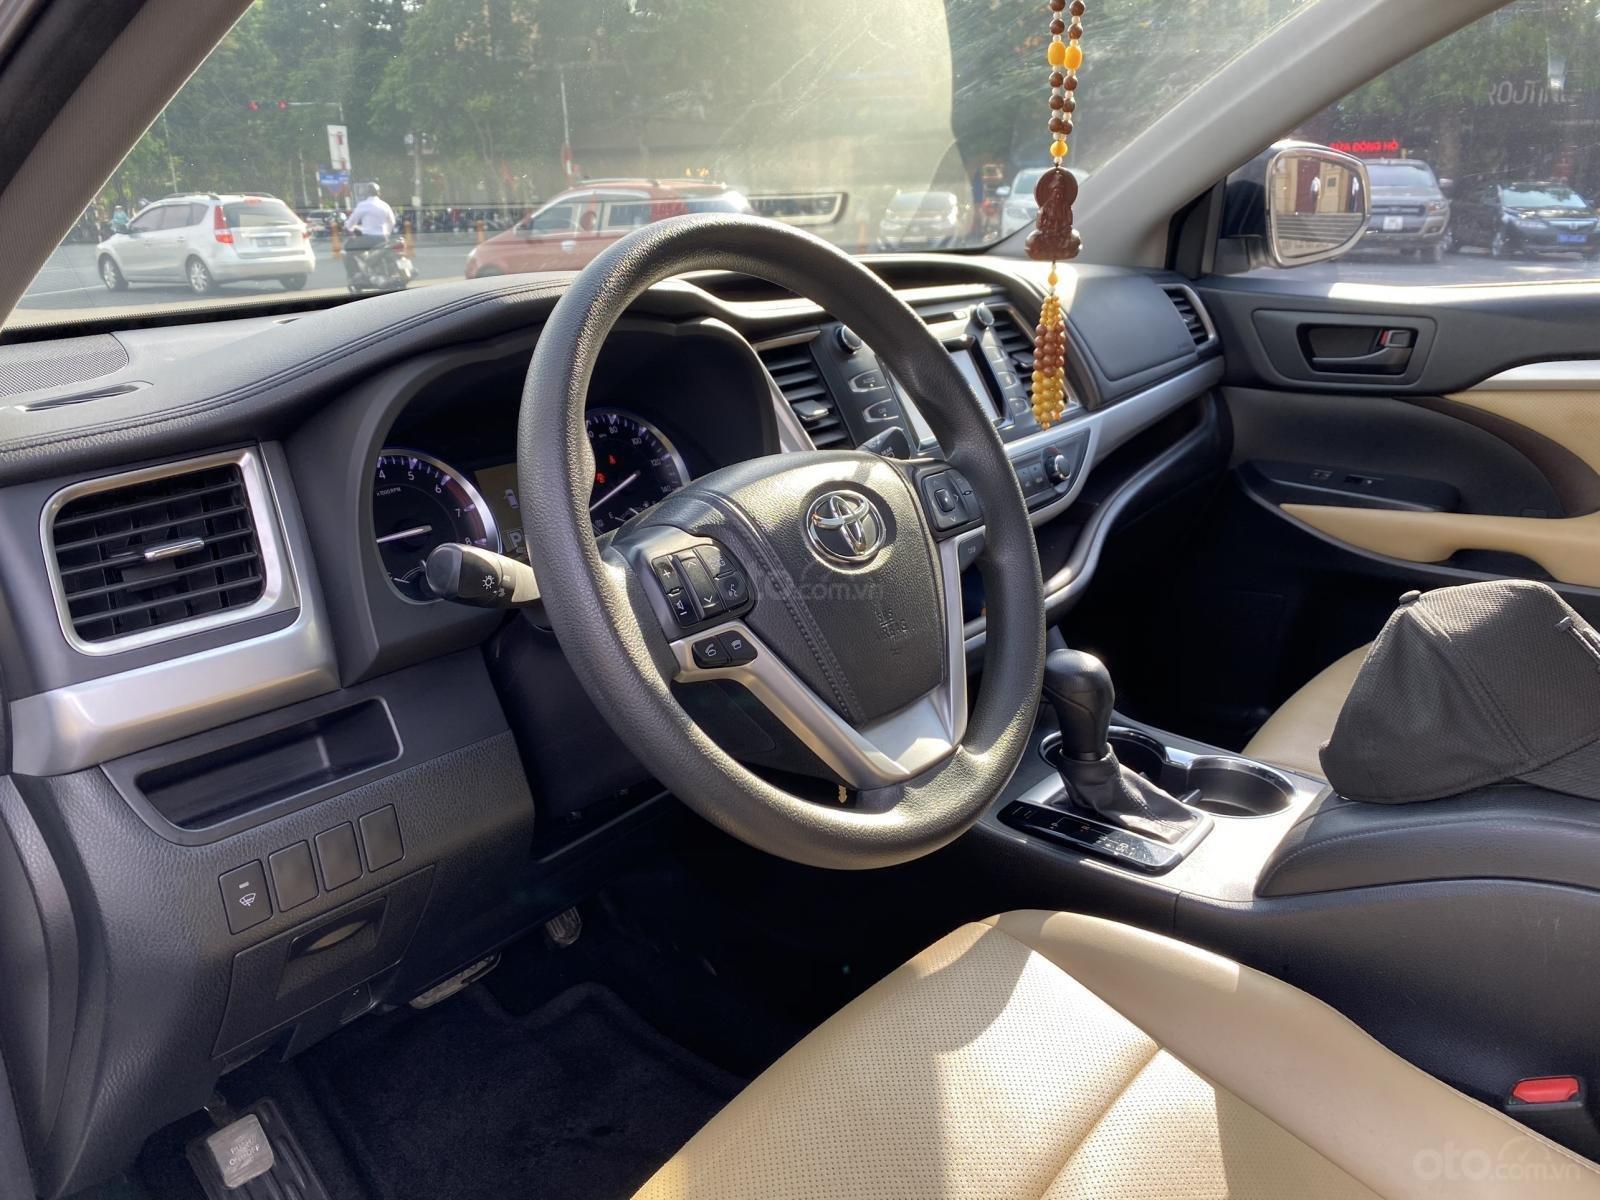 Bán Toyota Highlander đời 2014, nhập khẩu nguyên chiếc (5)